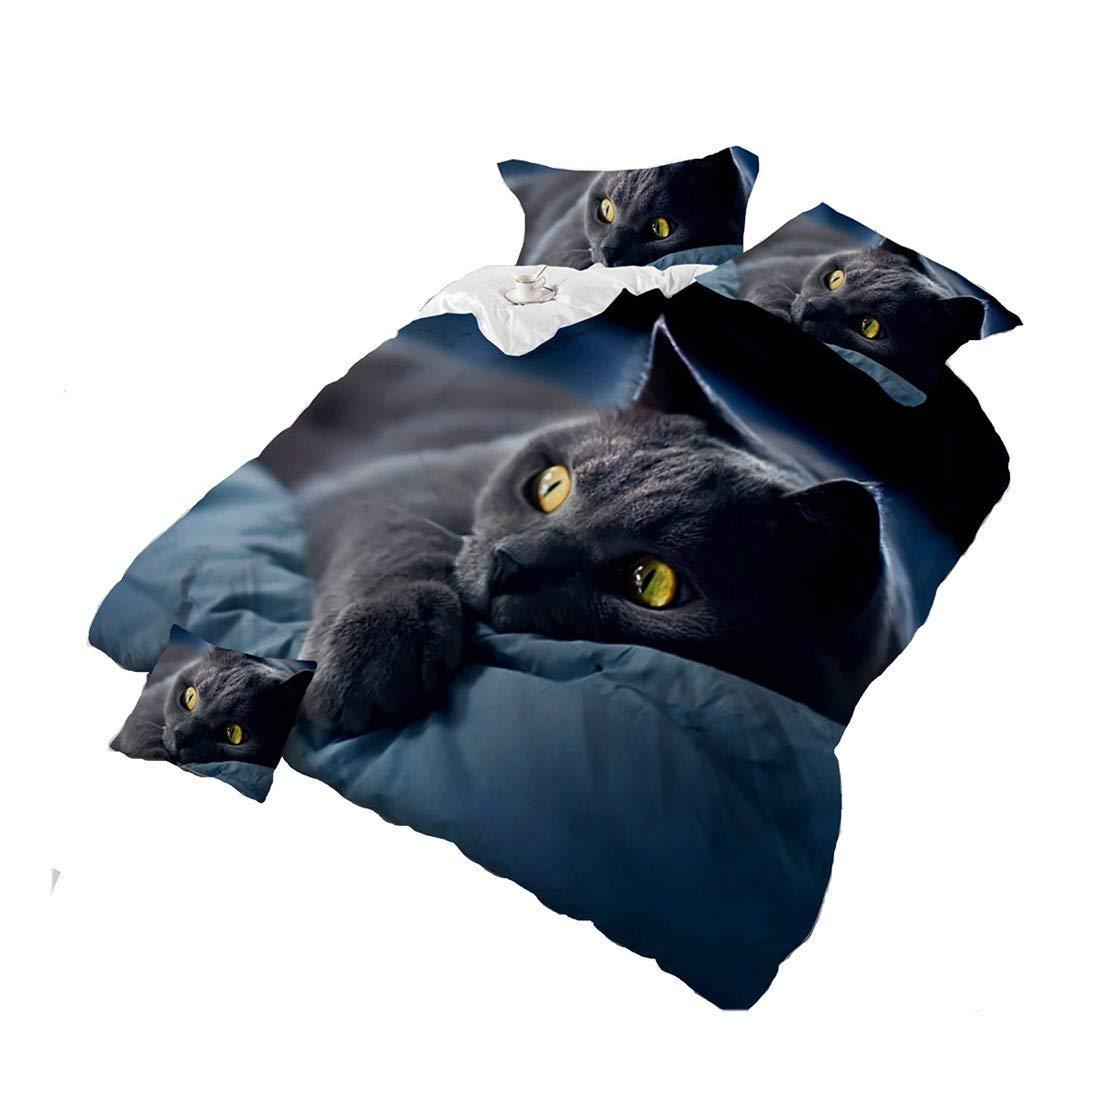 hiixhc Bettwä sche-Set, Schwarze Katze, fü r Kinder und Erwachsene, Bettlaken, Kissenbezü ge, King-Size-Grö ß e, 4-teilig 260*225cm